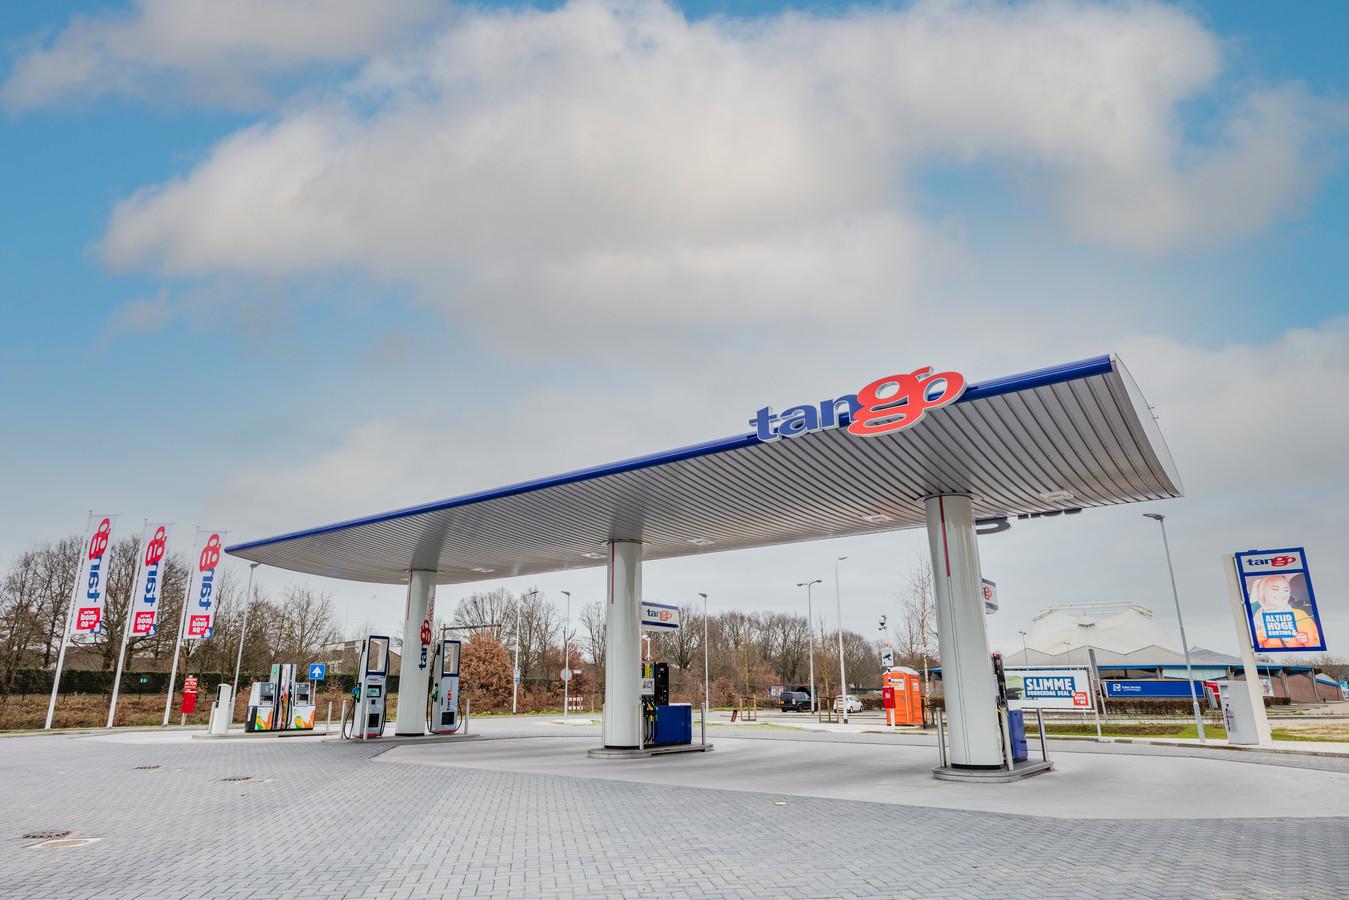 Tango biedt in Deventer ook milieuvriendelijke diesel en CNG (aardgas). Er staan snellaadpalen en is er ruimte voor elektrische deelauto's.